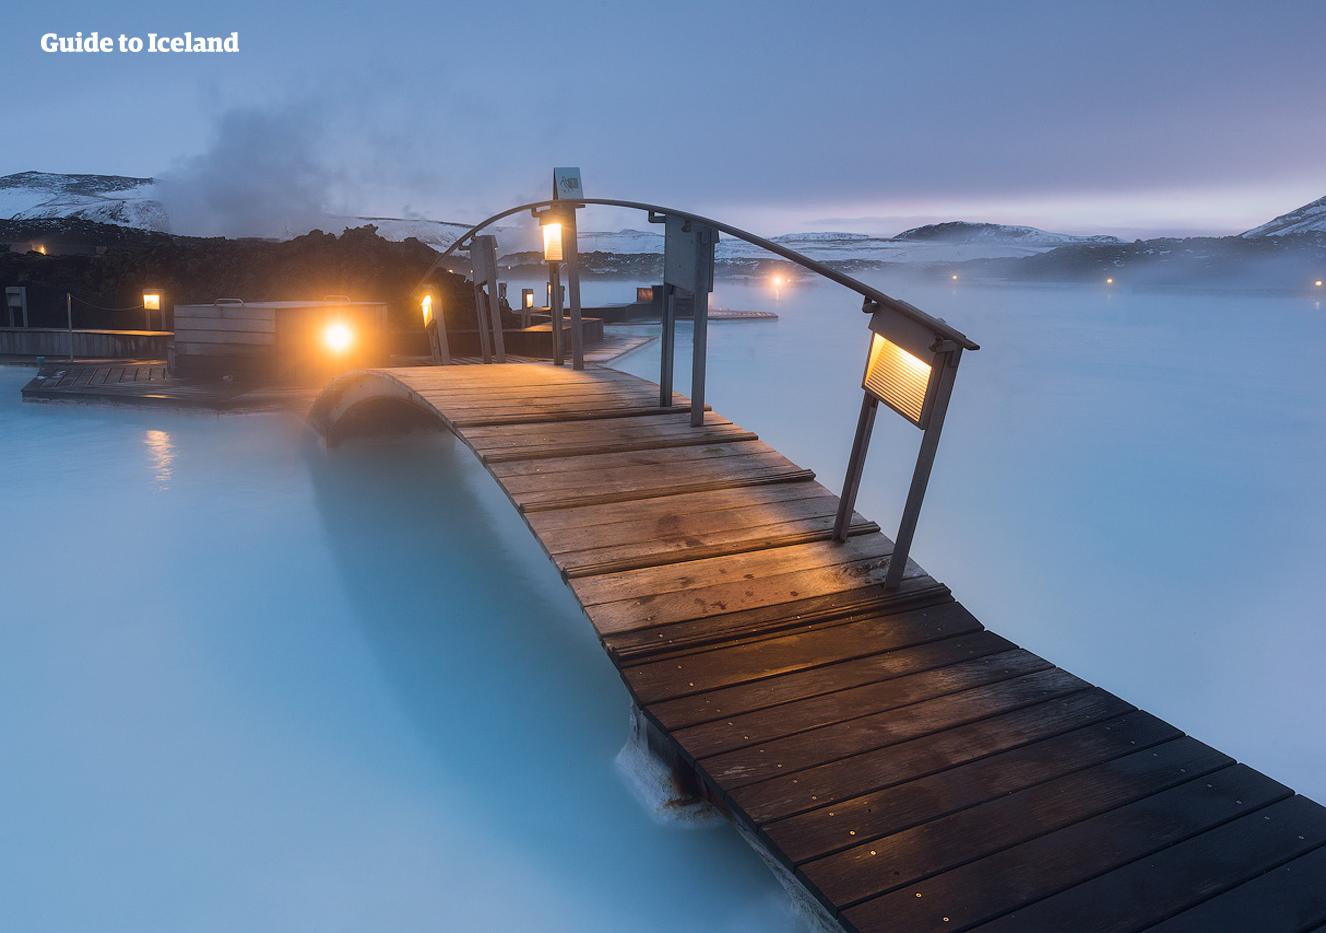 Ein Besuch in der Blauen Lagune ist entspannend und belebend zugleich.